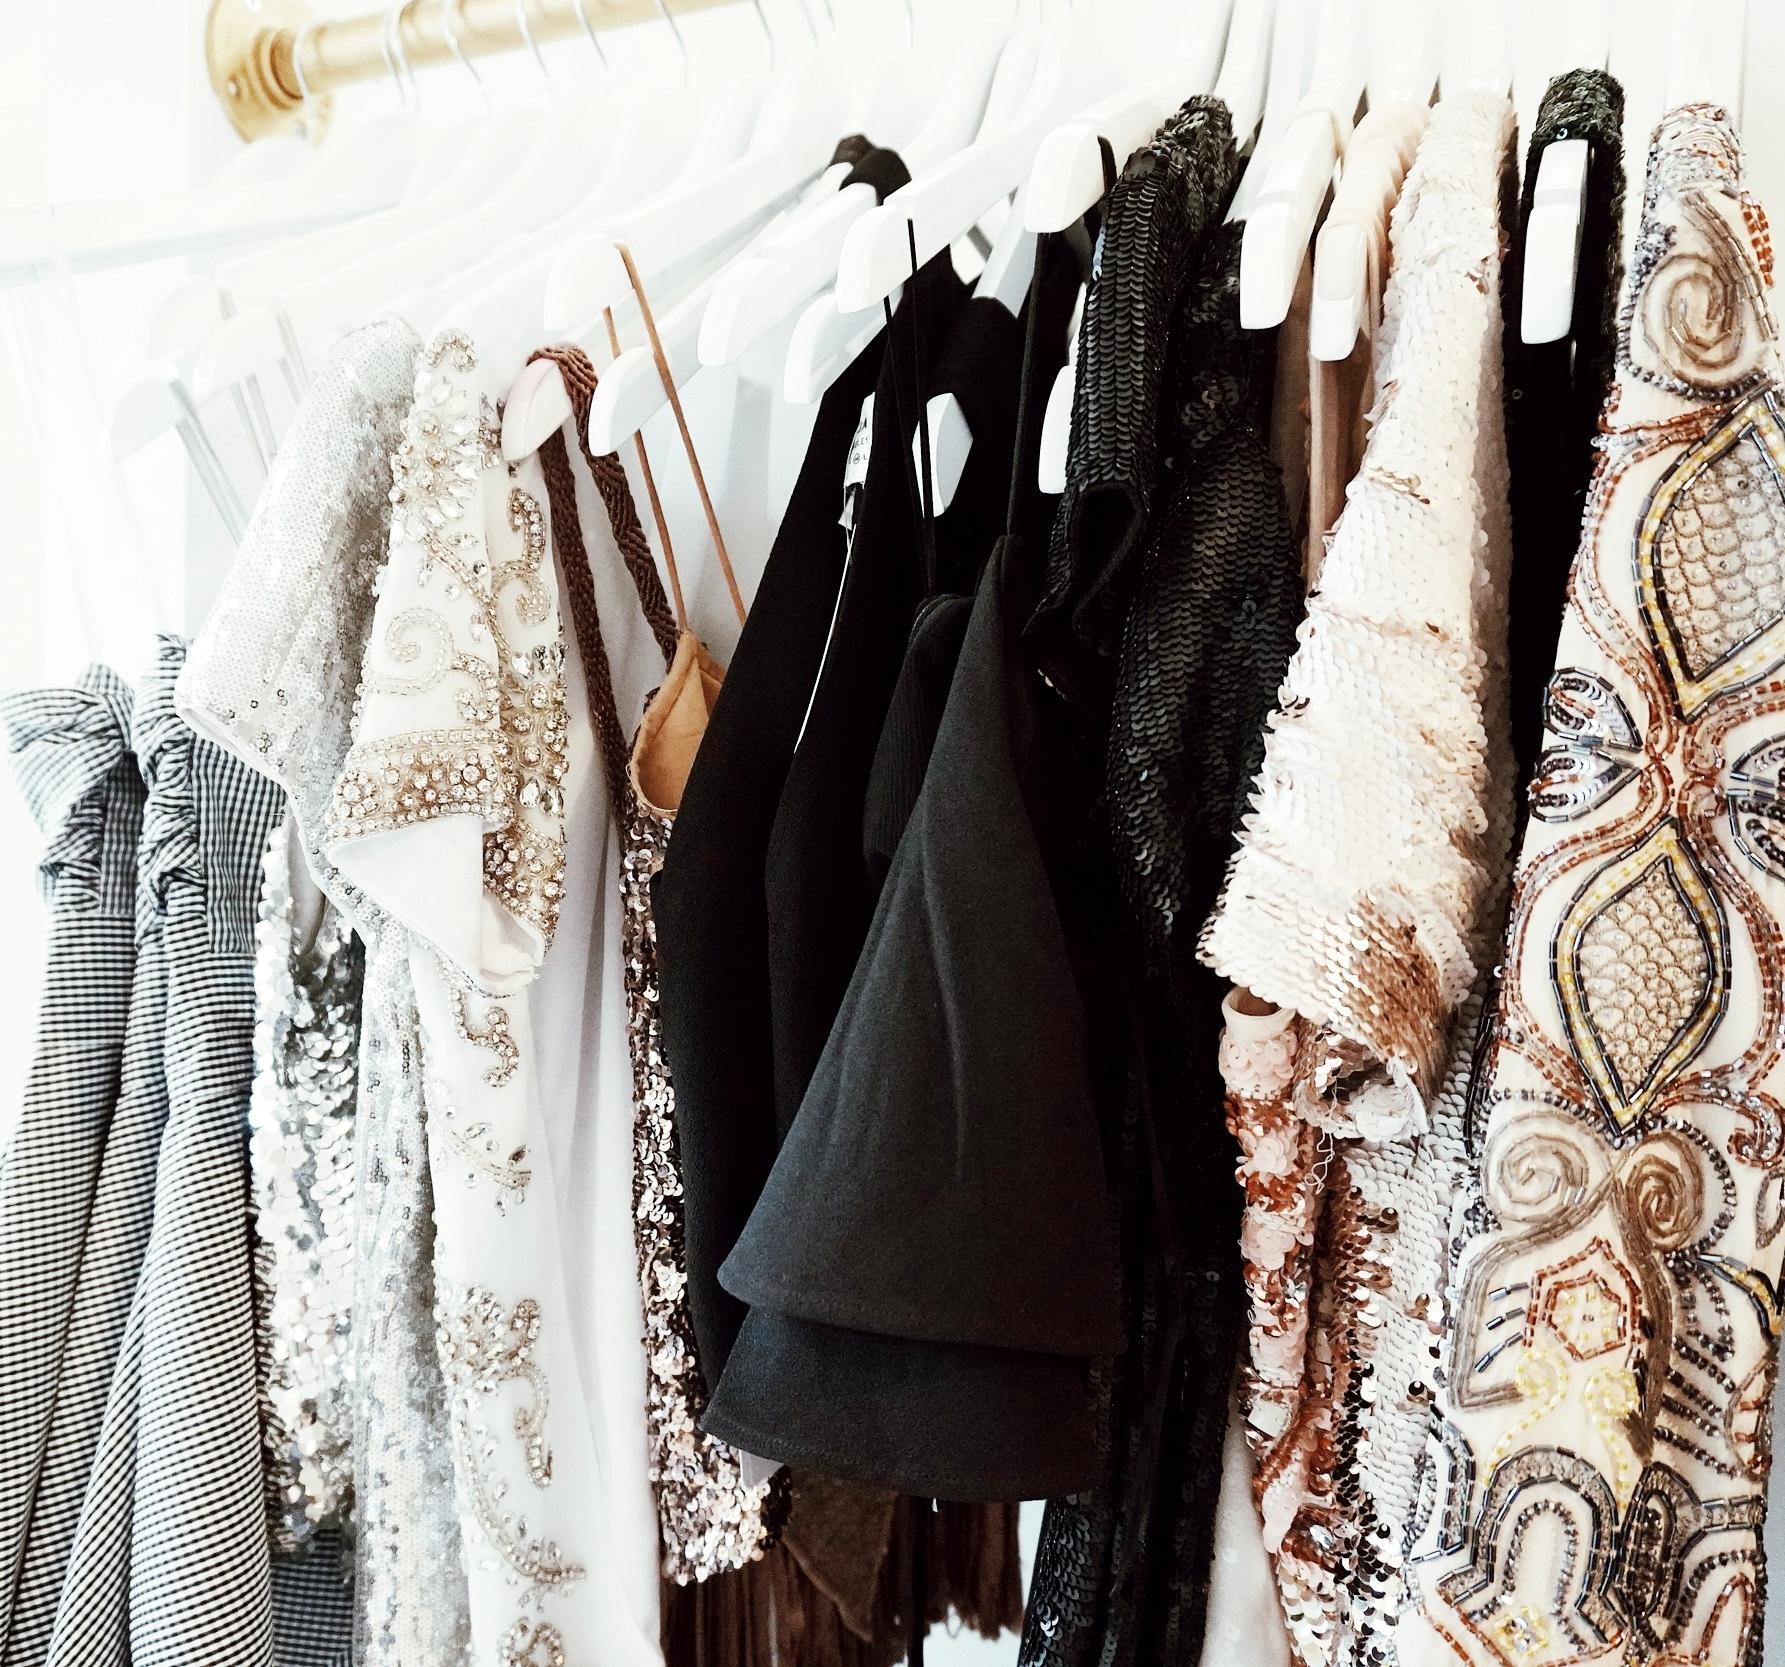 the-showroom-nashville-luxury-fashion-rentals.jpg